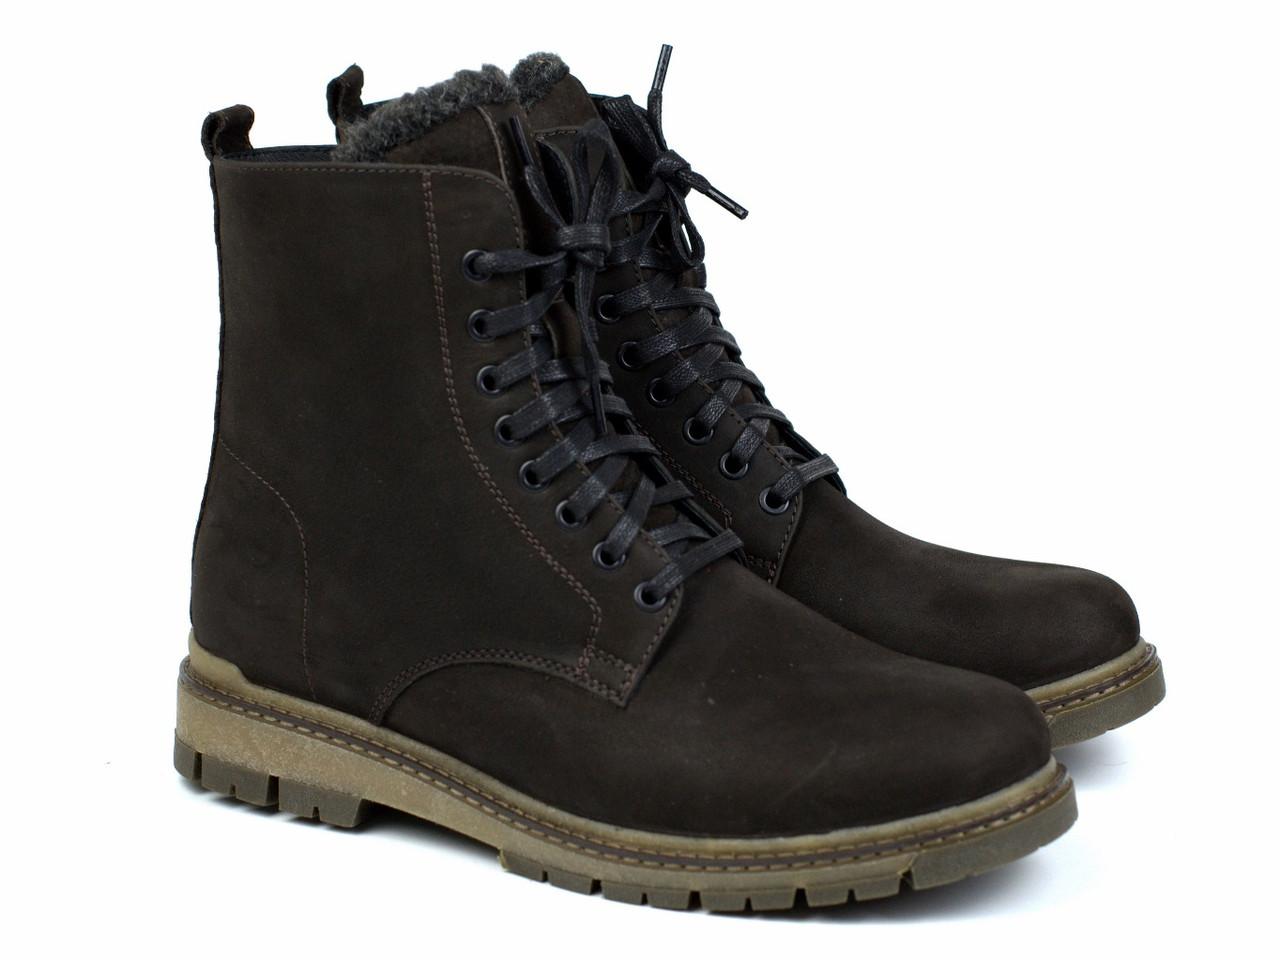 Большой размер зимние ботинки мужские берцы замшевые на меху коричневые Rosso Avangard Doks Brown Diamond BS